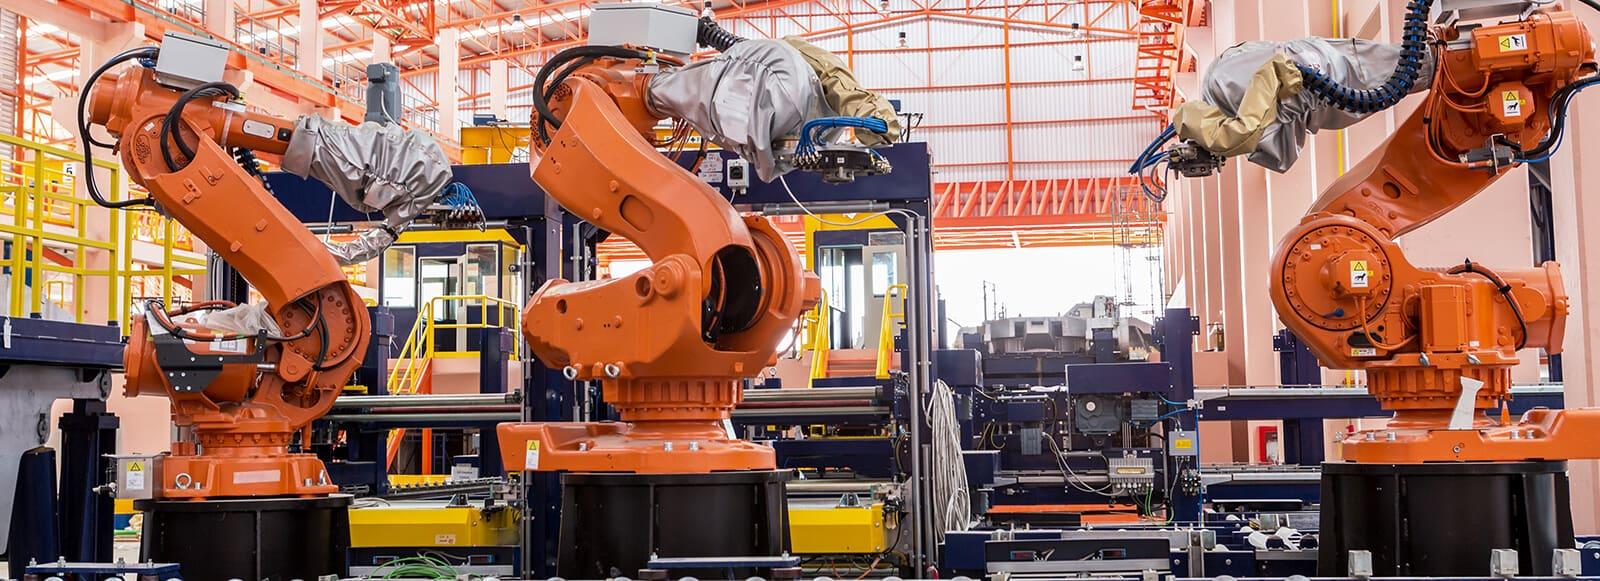 przemysl maszynowy - Home